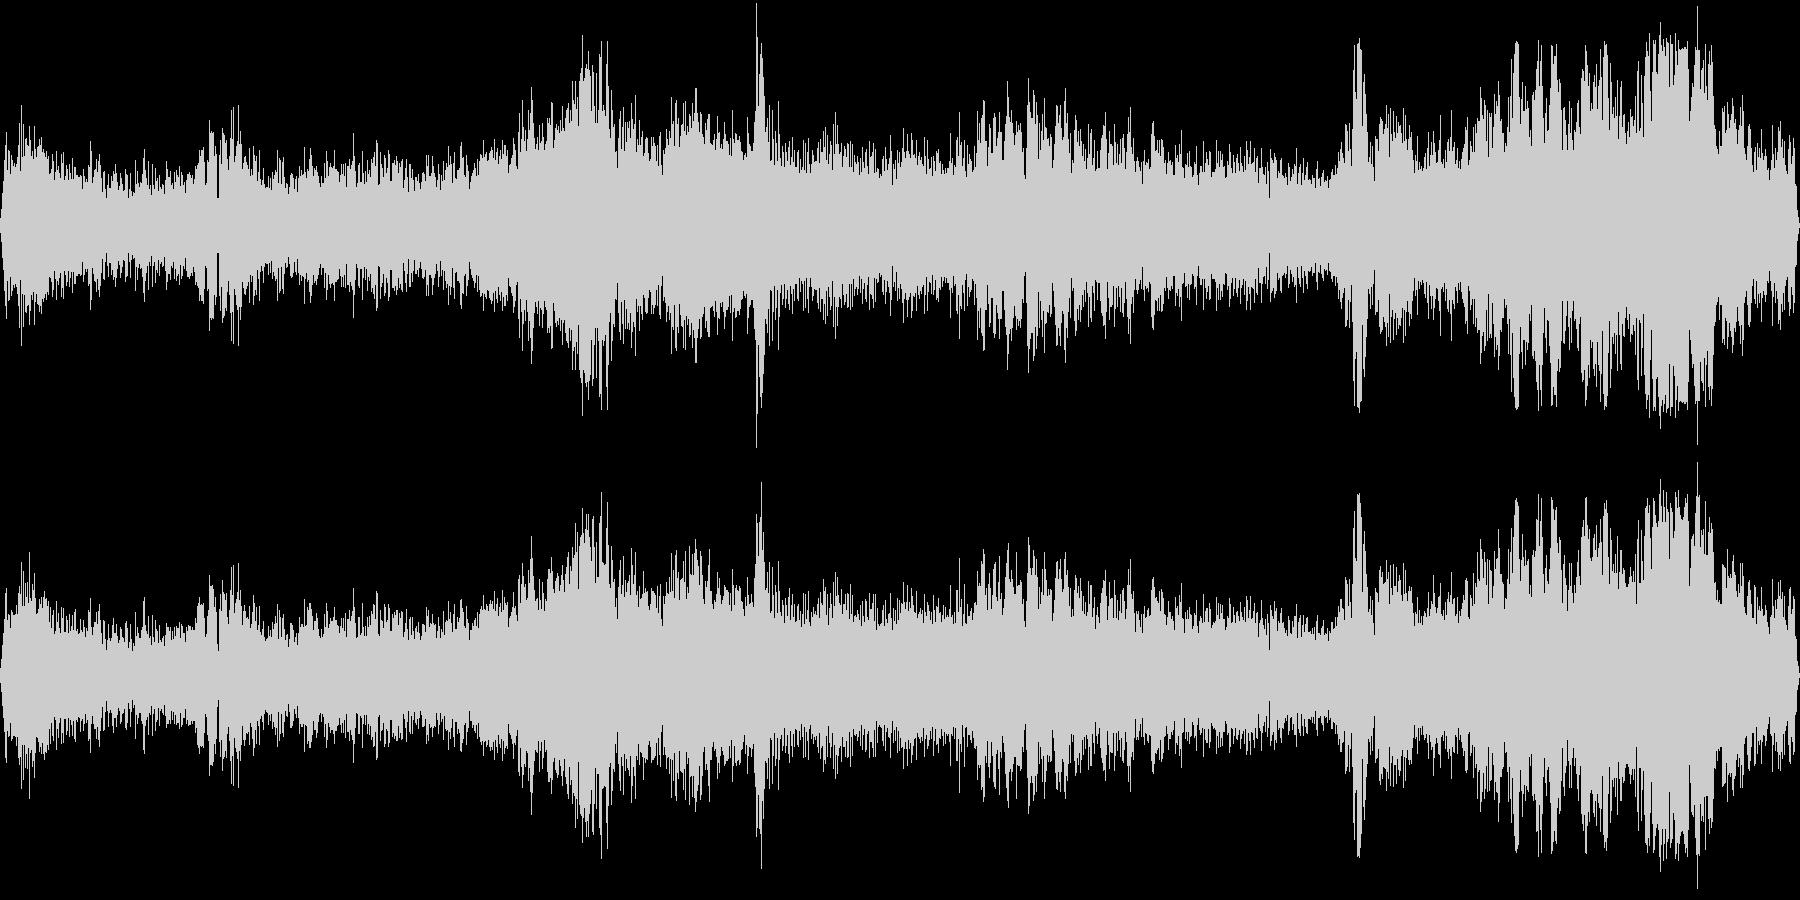 交差点(環境音)の未再生の波形